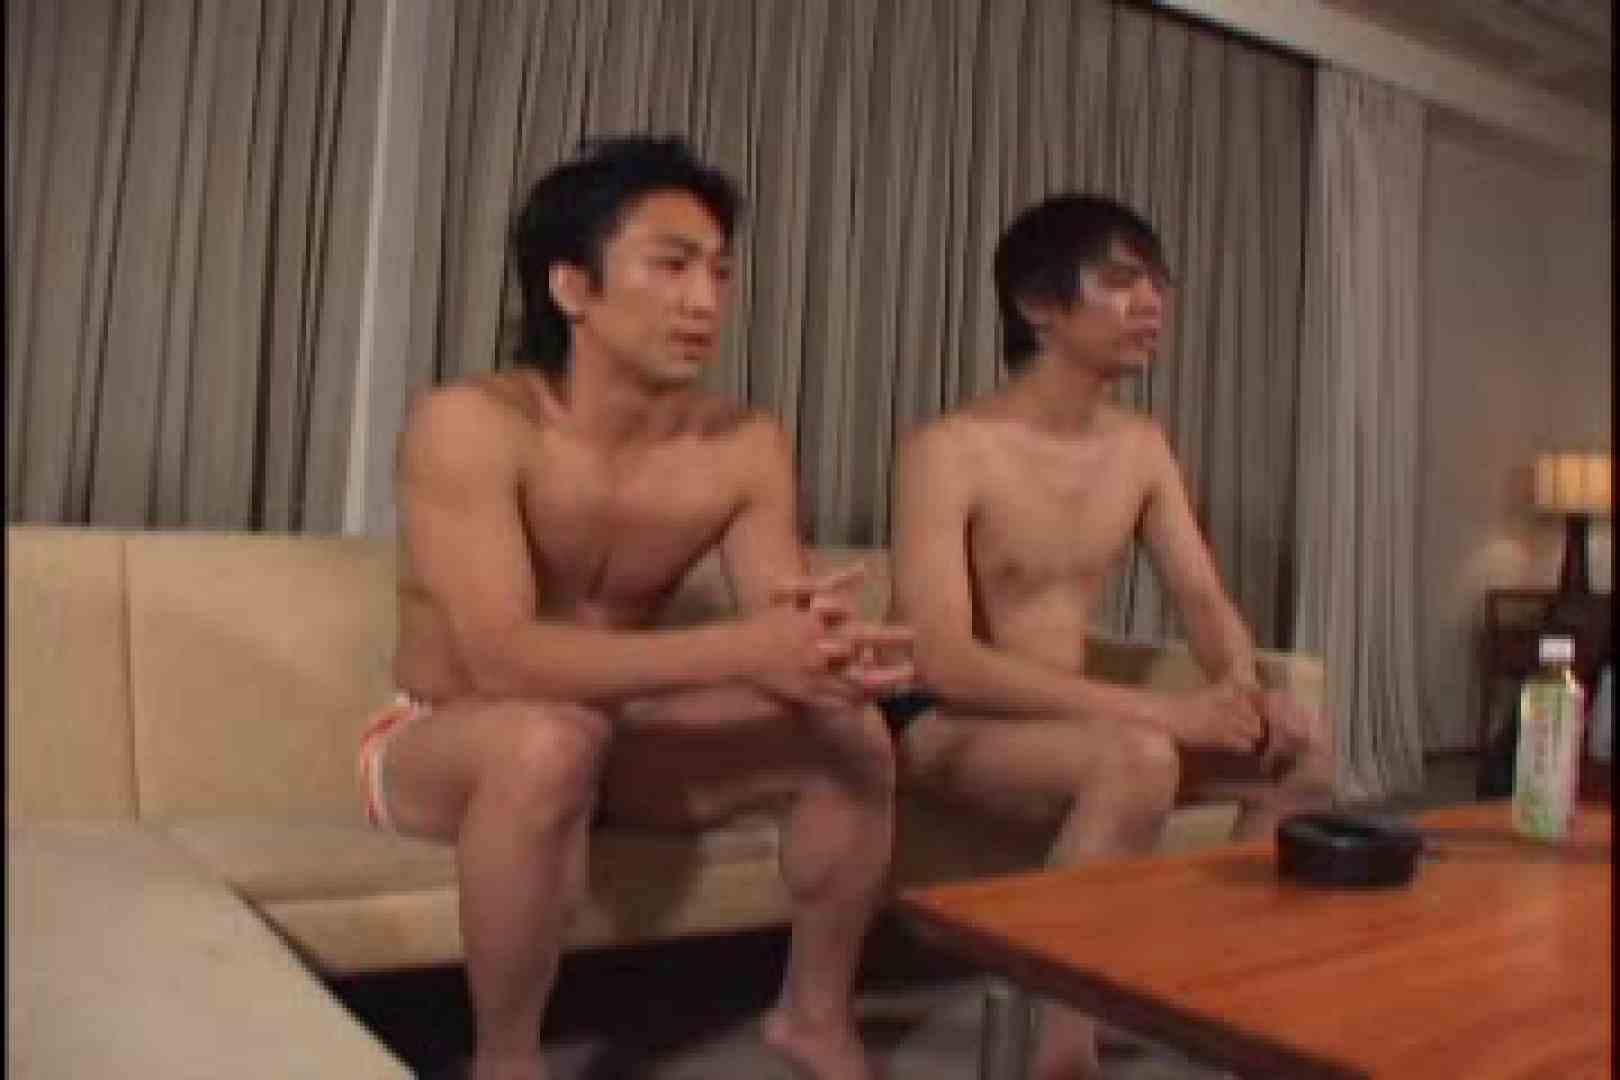 BEST OF イケメン!!男目線のガチSEX vol.04(対女性作品) 男  100pic 43